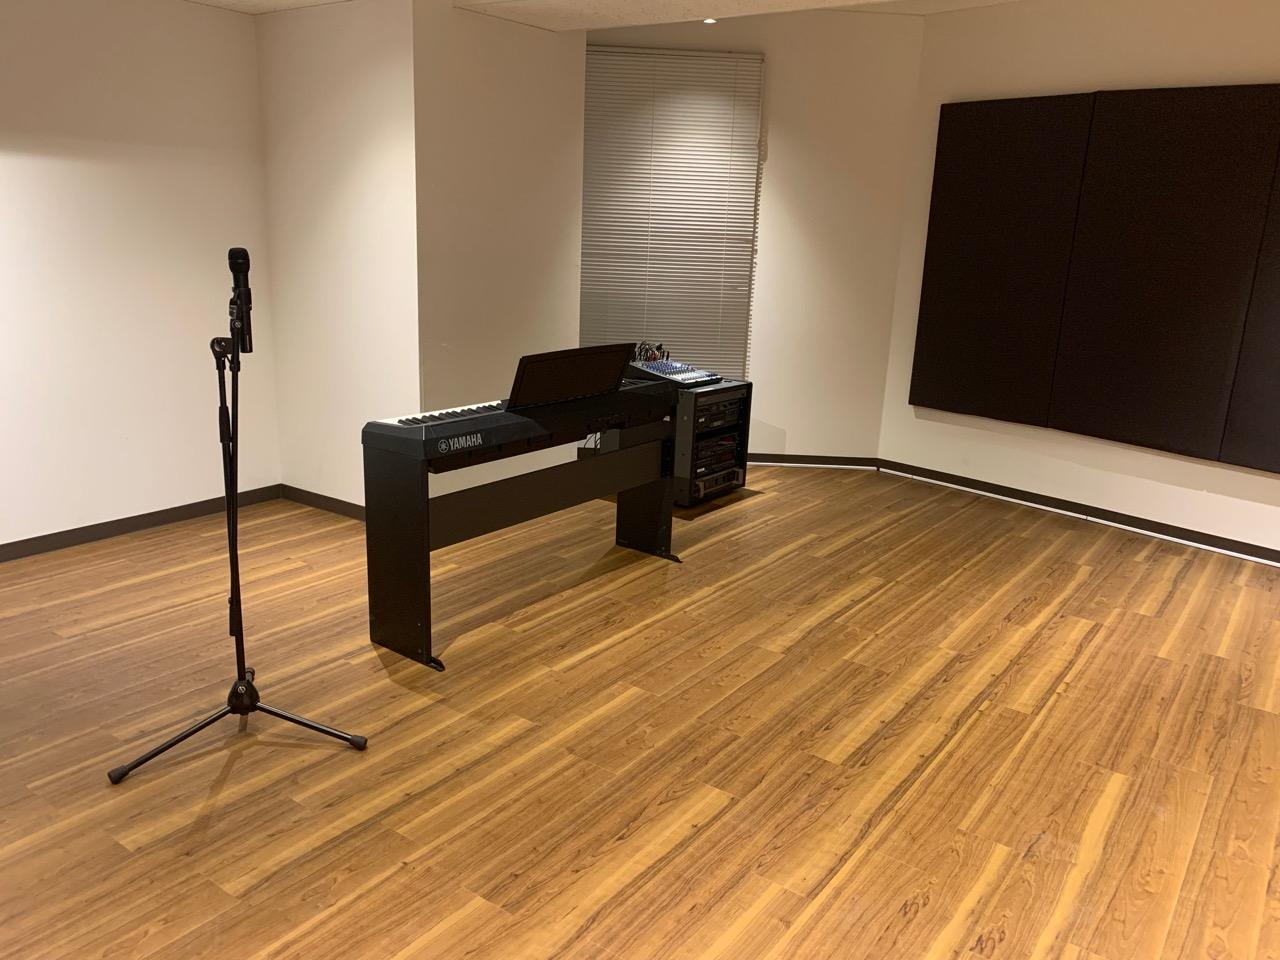 VOAT 名古屋校 スタジオ新設&リニューアルオープン